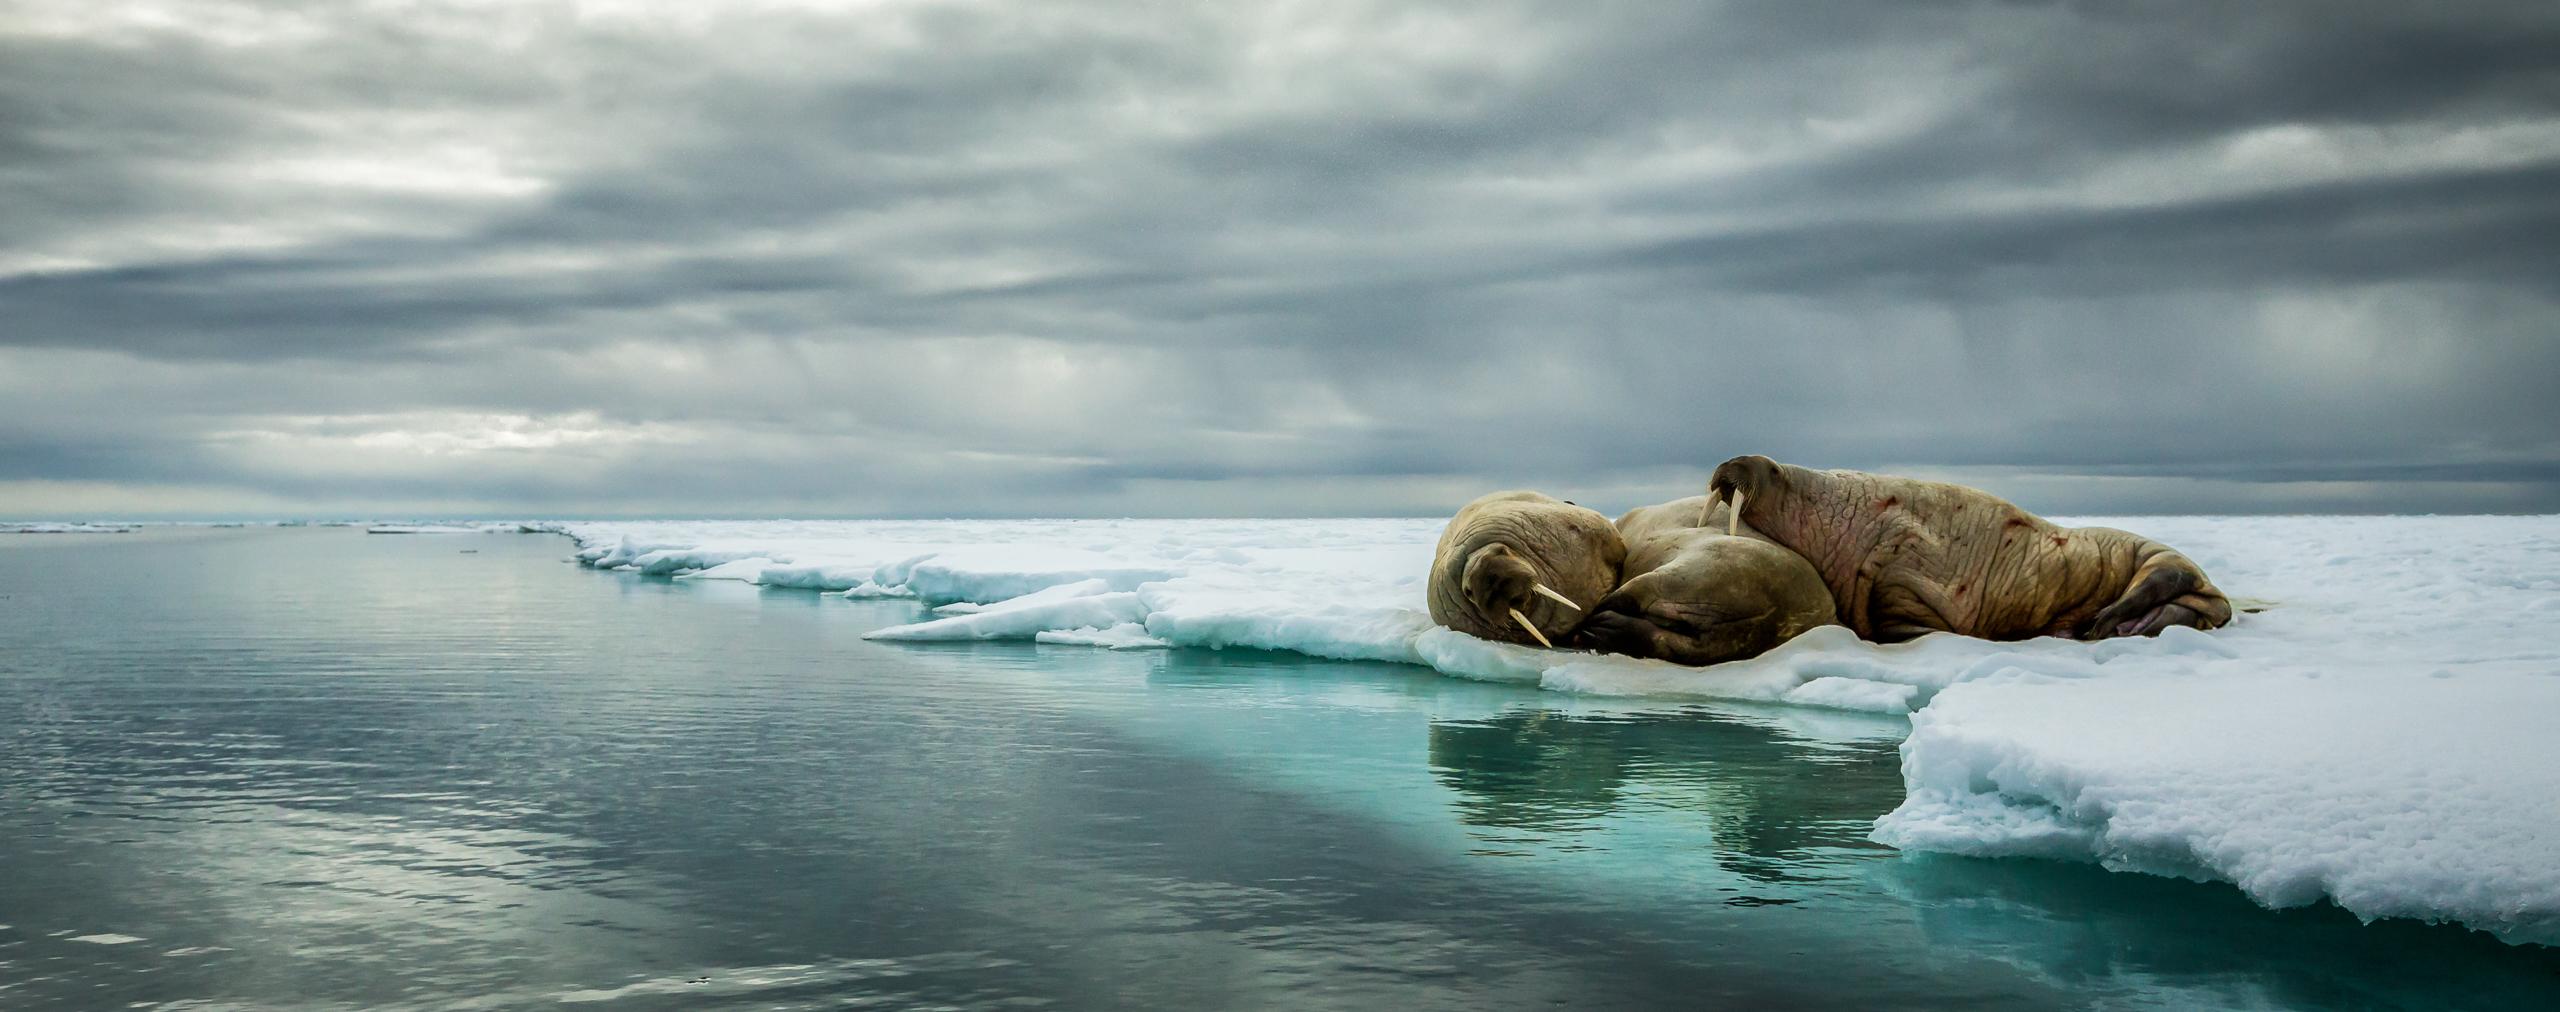 Walrus huddle in Svalbard, Norway, 2015.